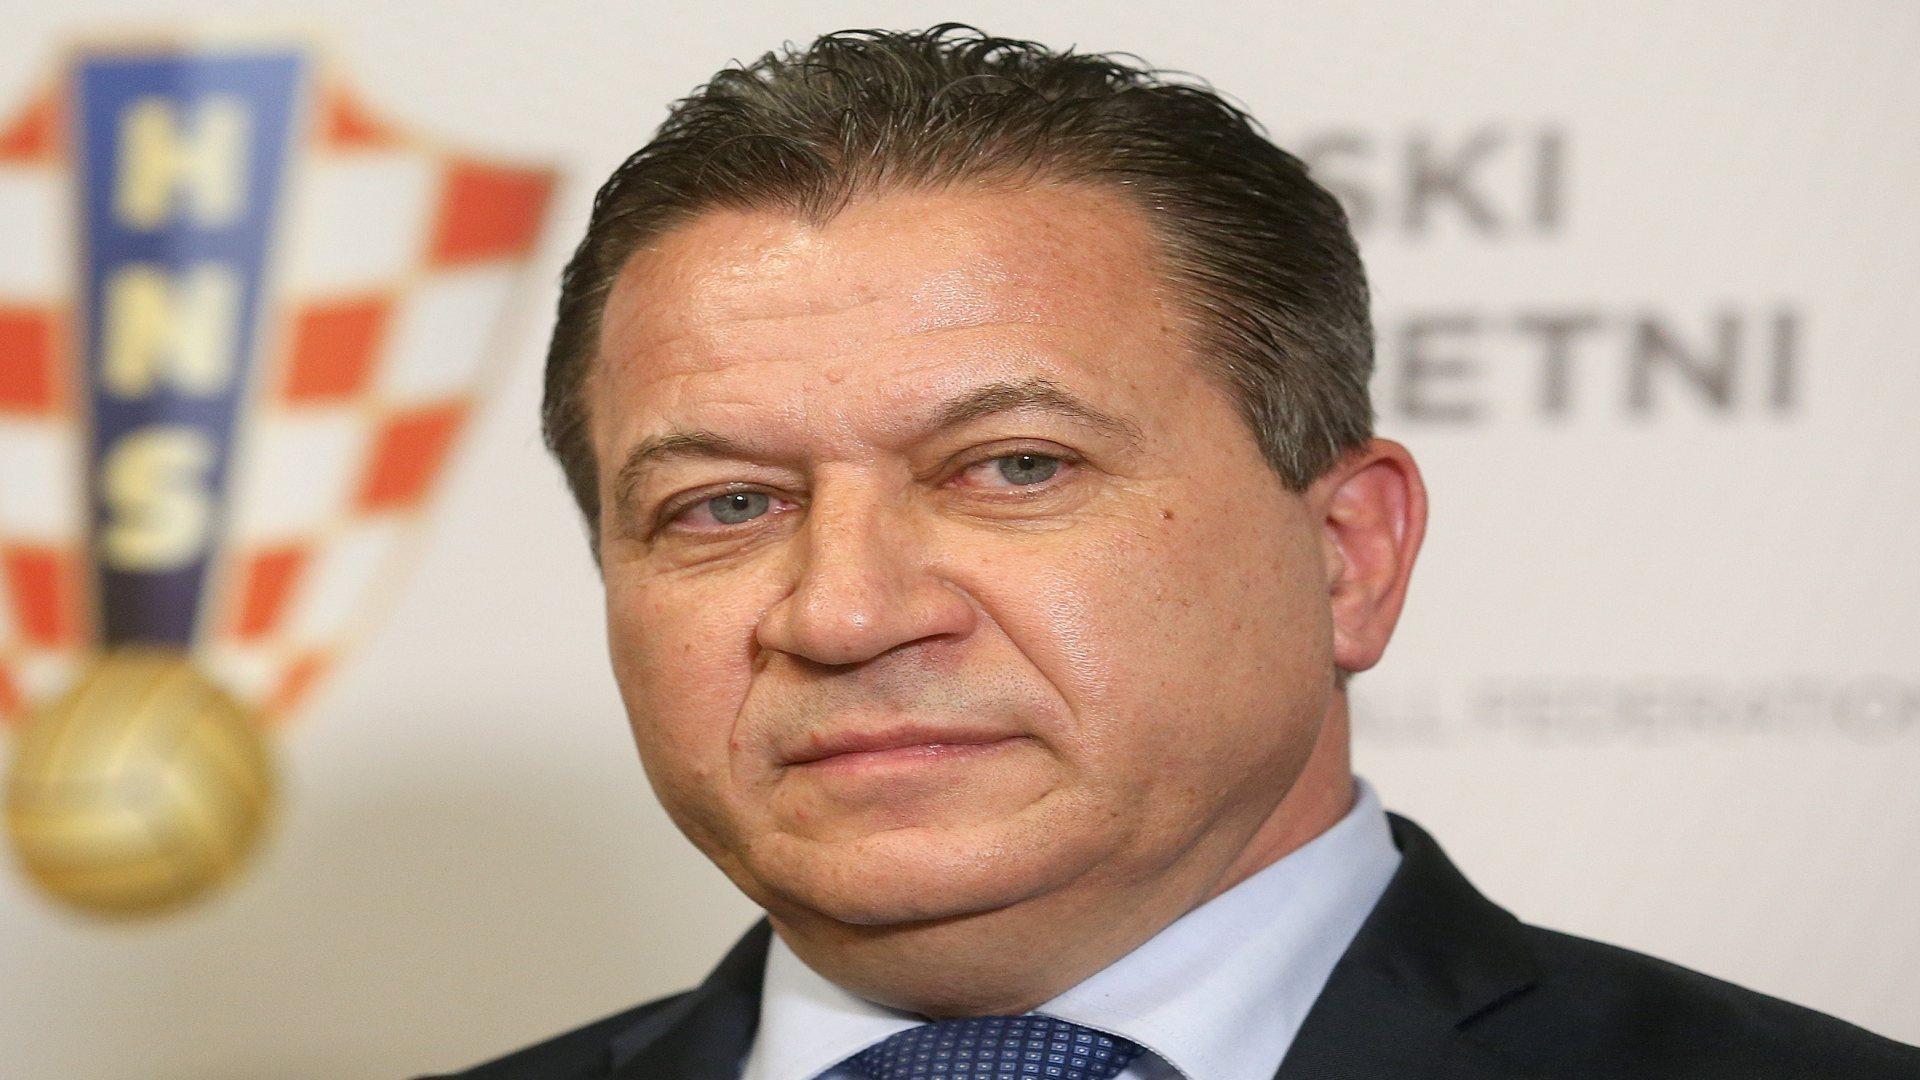 ODLUKA ŽUPANIJSKOG SUDA Vrbanoviću određeno mjesec dana istražnog zatvora